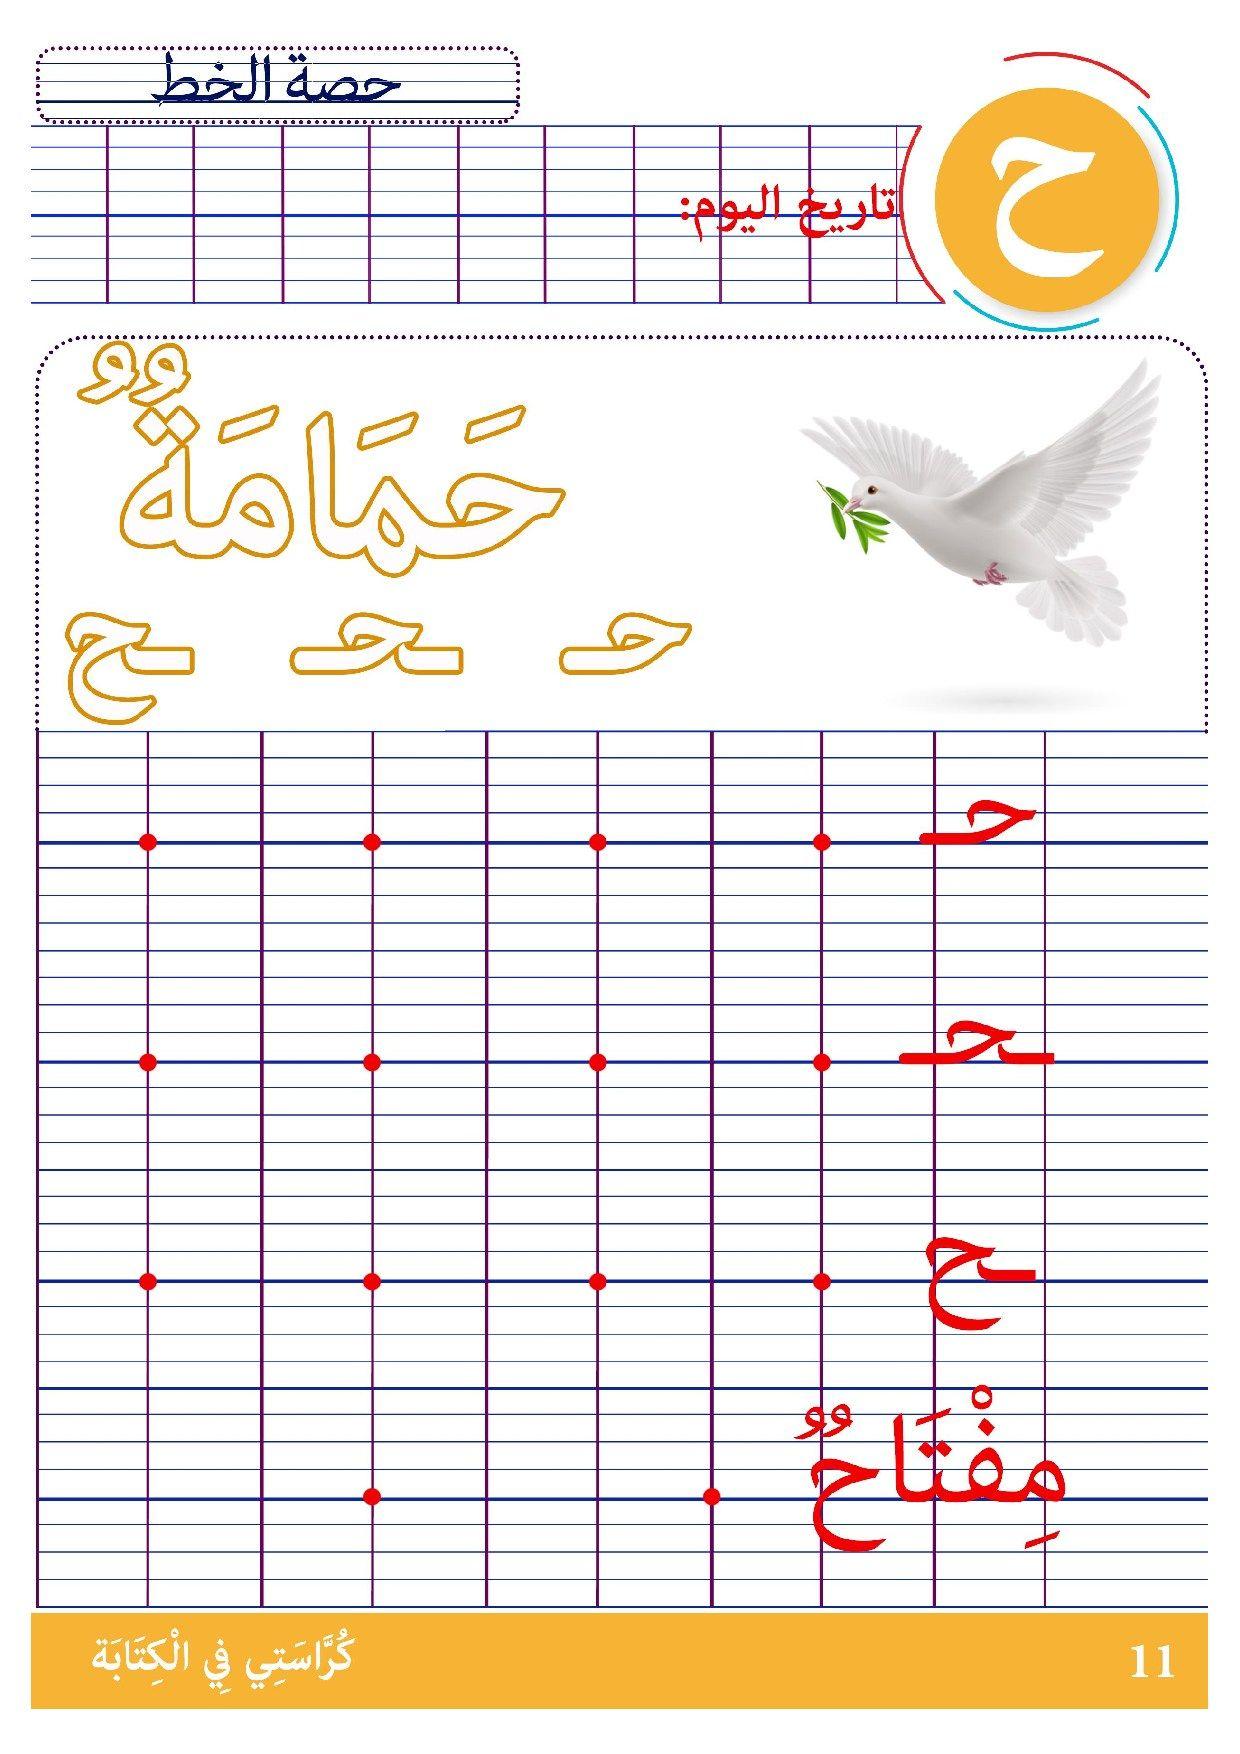 Epingle Par Saadaoui Sur Cours Arabe En 2020 Apprendre L Arabe Lettres De L Alphabet Arabe Apprendre L Alphabet